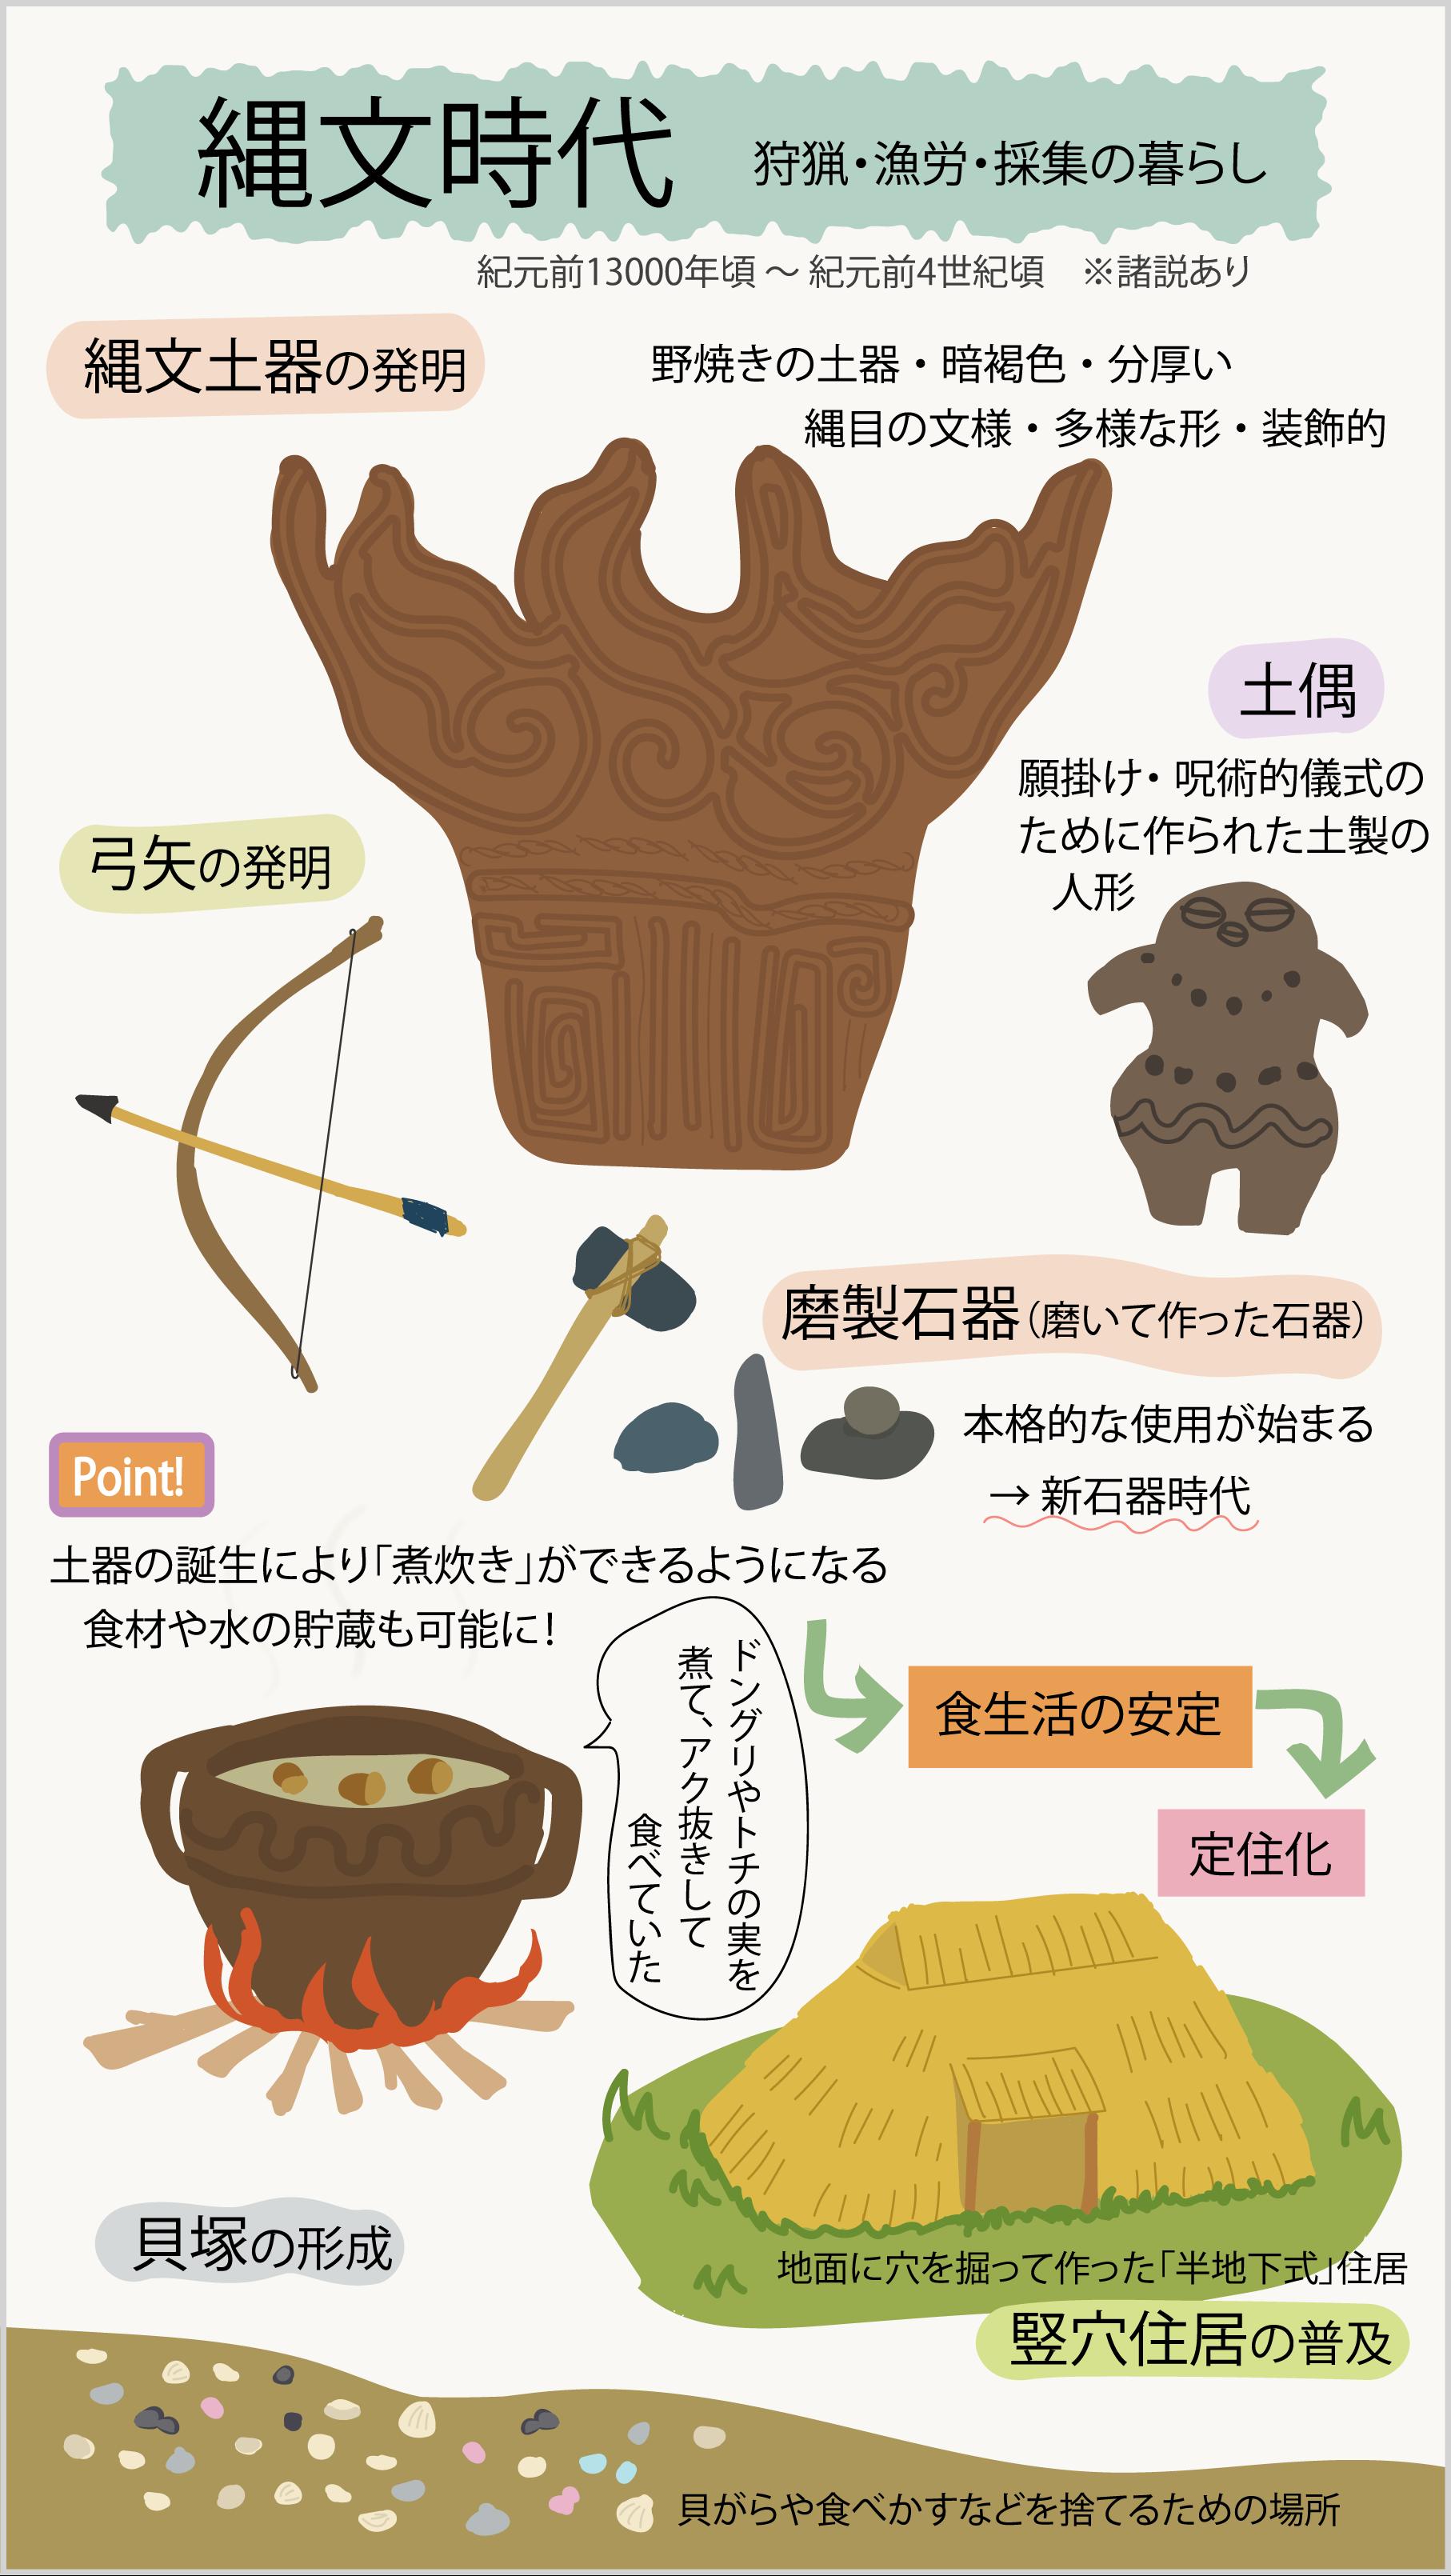 縄文時代をイラストで解説_図解で学ぶ日本史